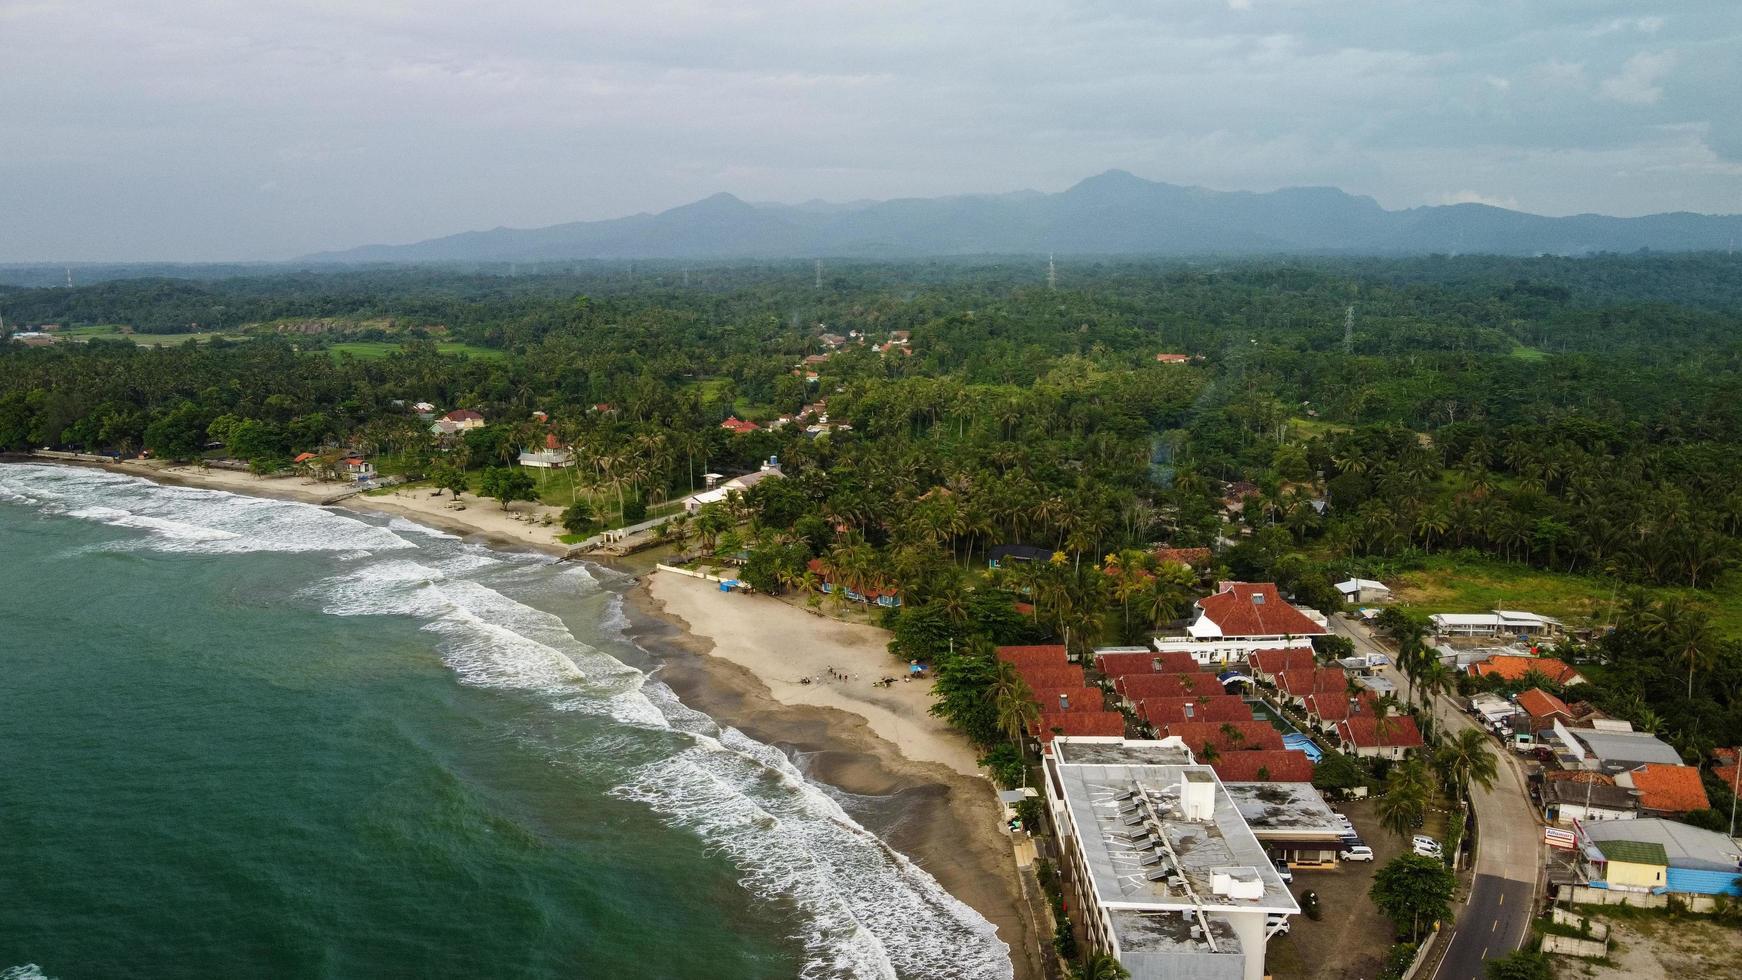 banten, indonesia 2021: vista aérea de la playa de karang bolong y su maravillosa puesta de sol foto